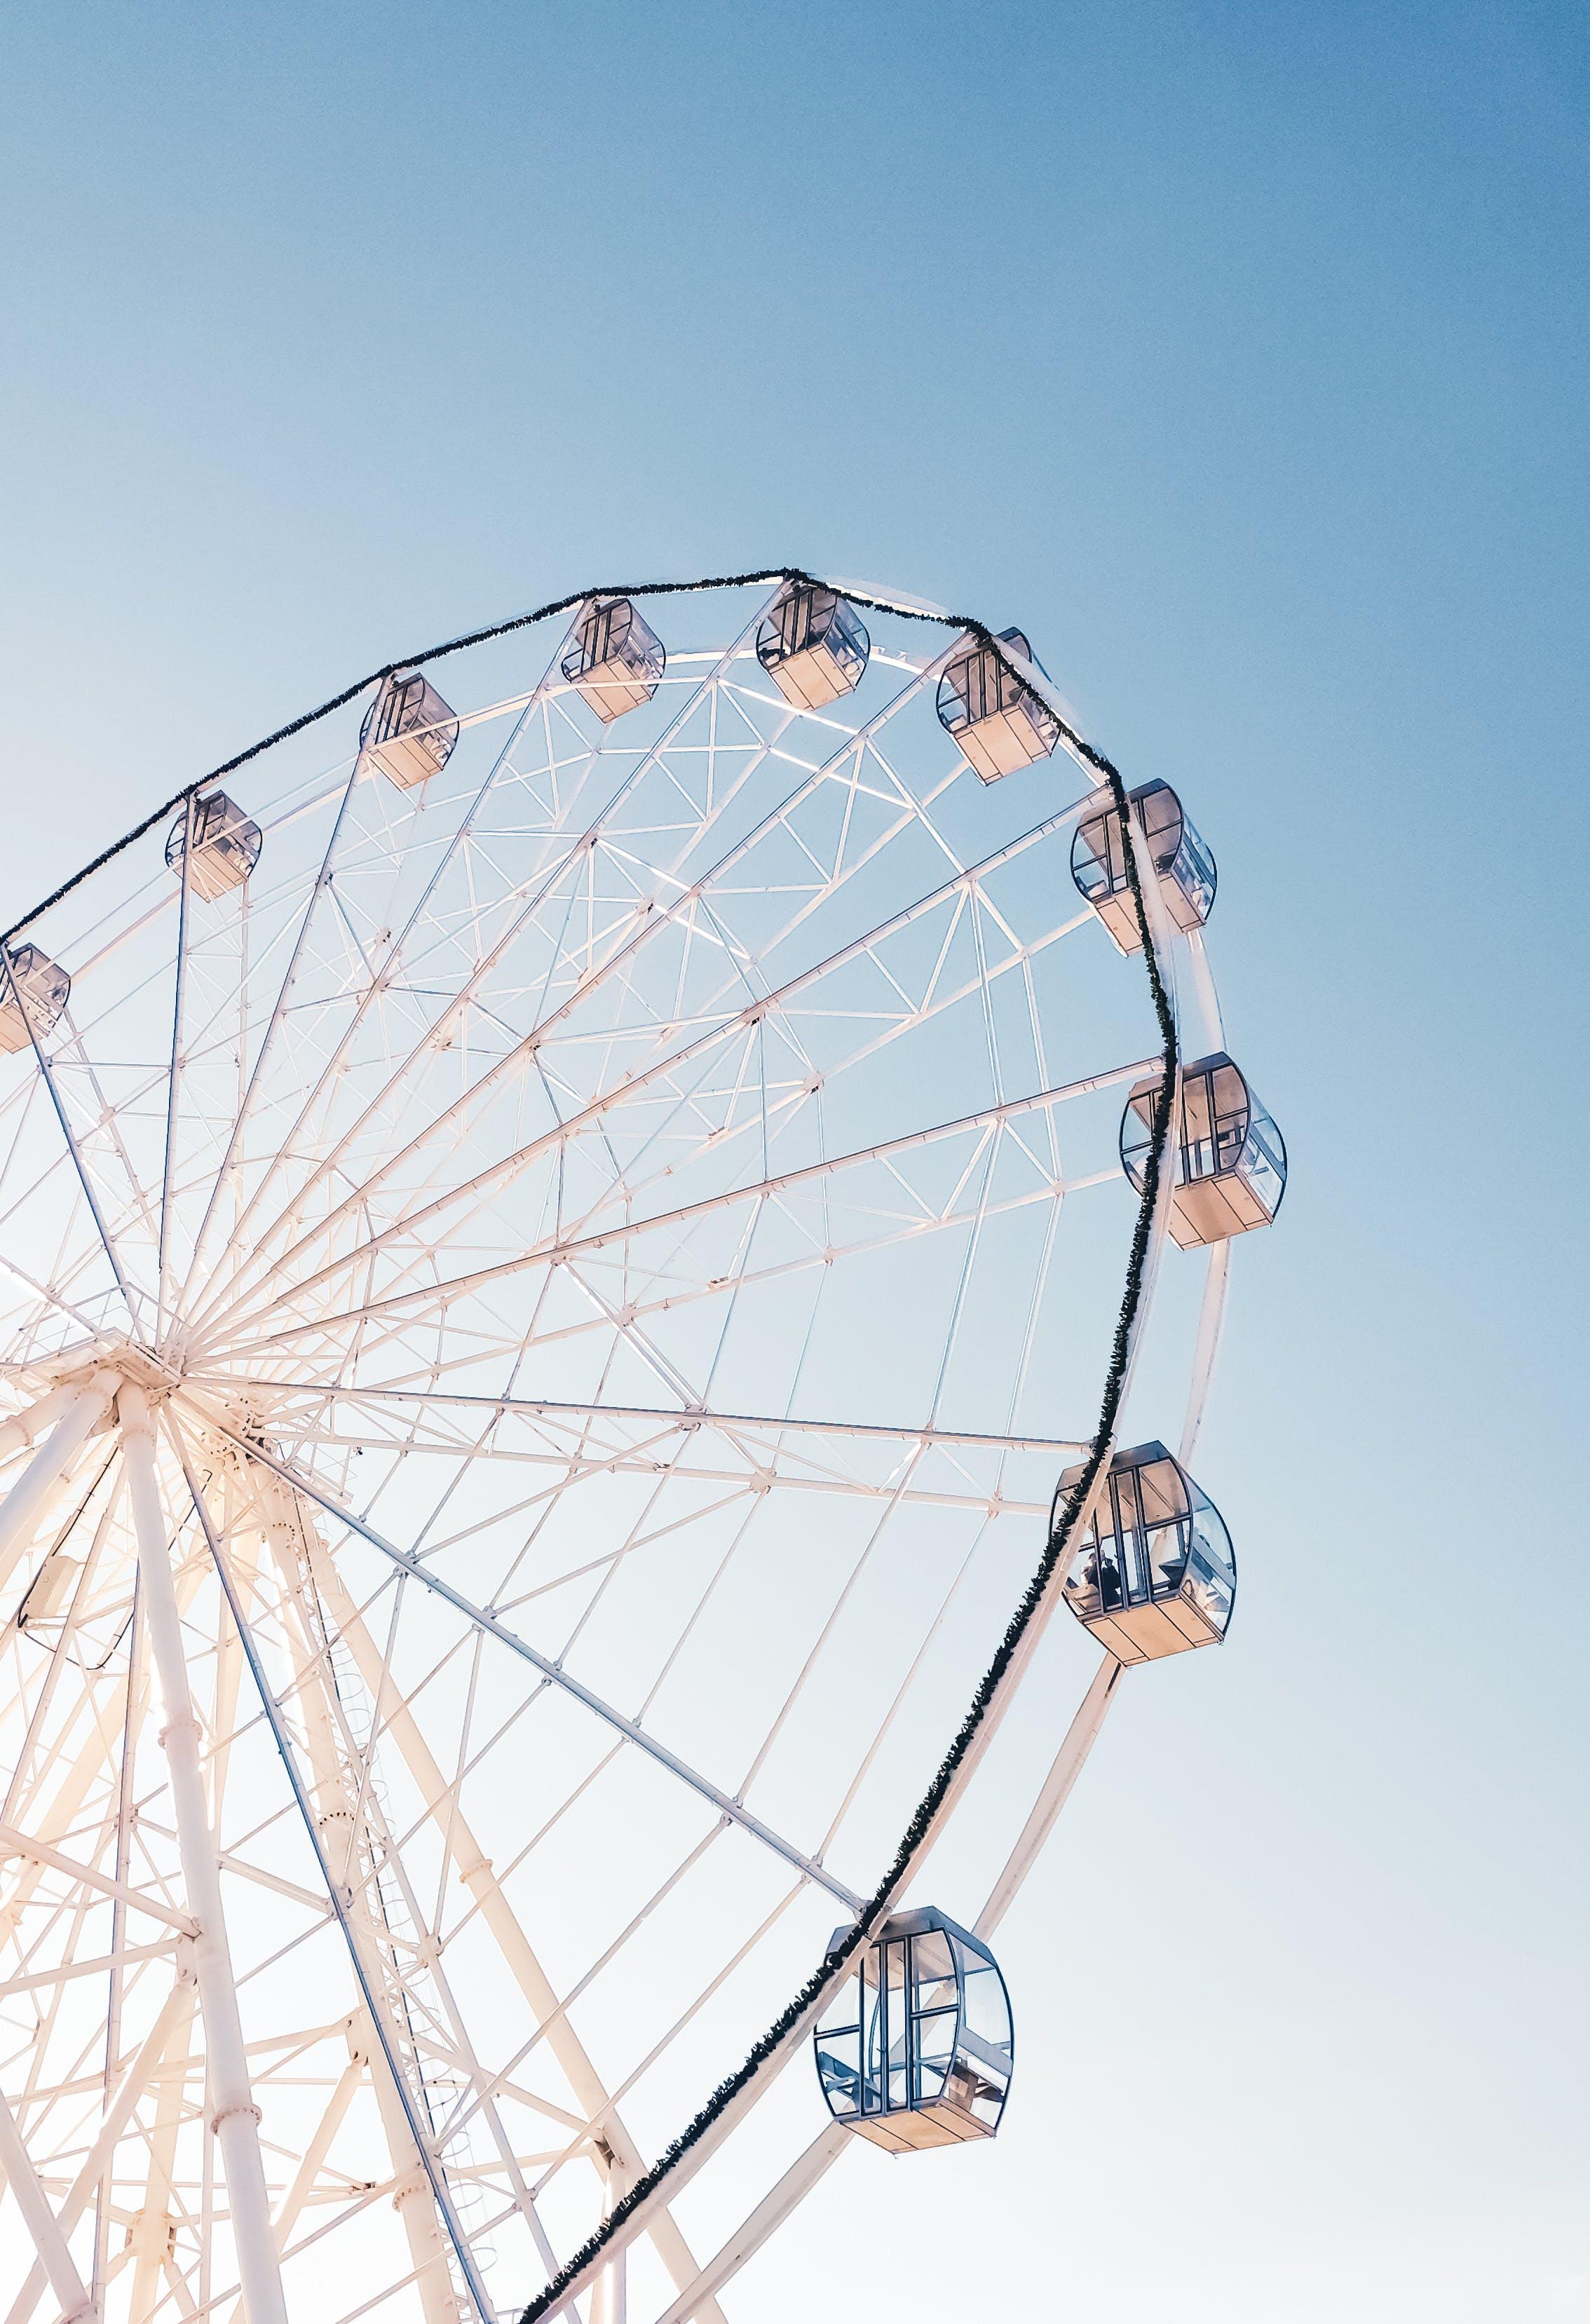 Fotos de stock gratuitas de alto, atracción, noria, parque temático